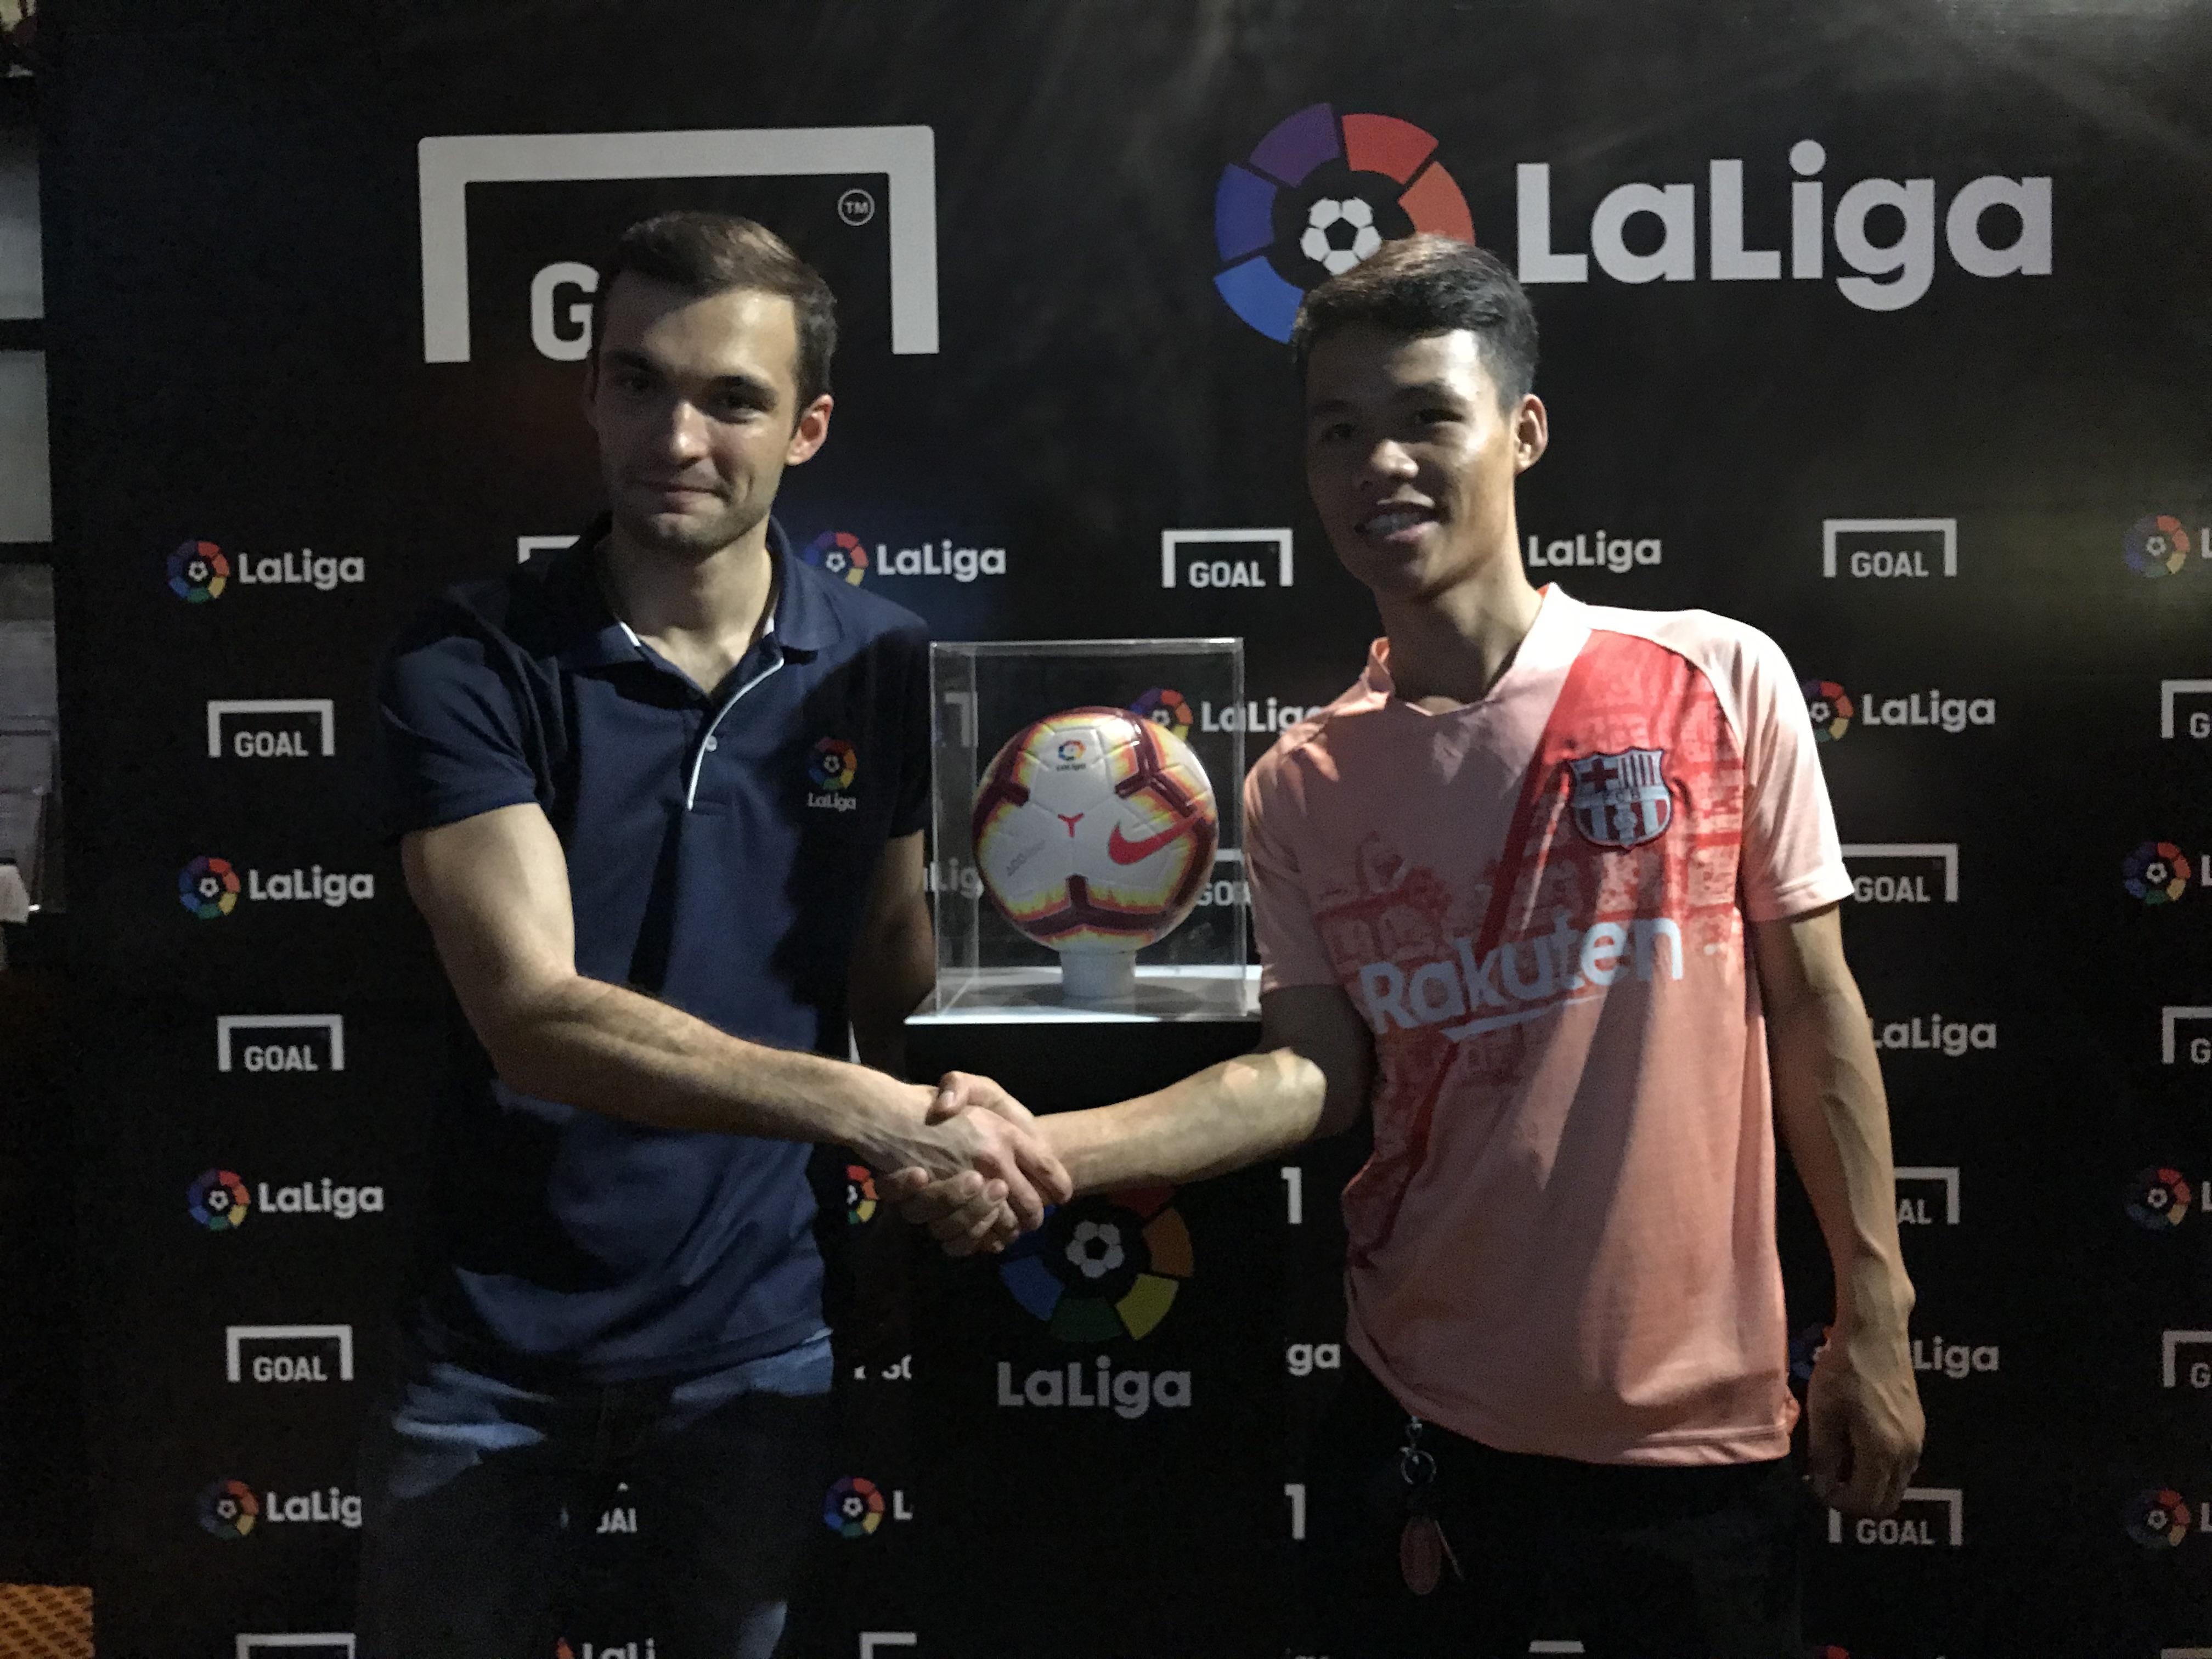 Brian Wright Vias - La Liga Vietnam manager